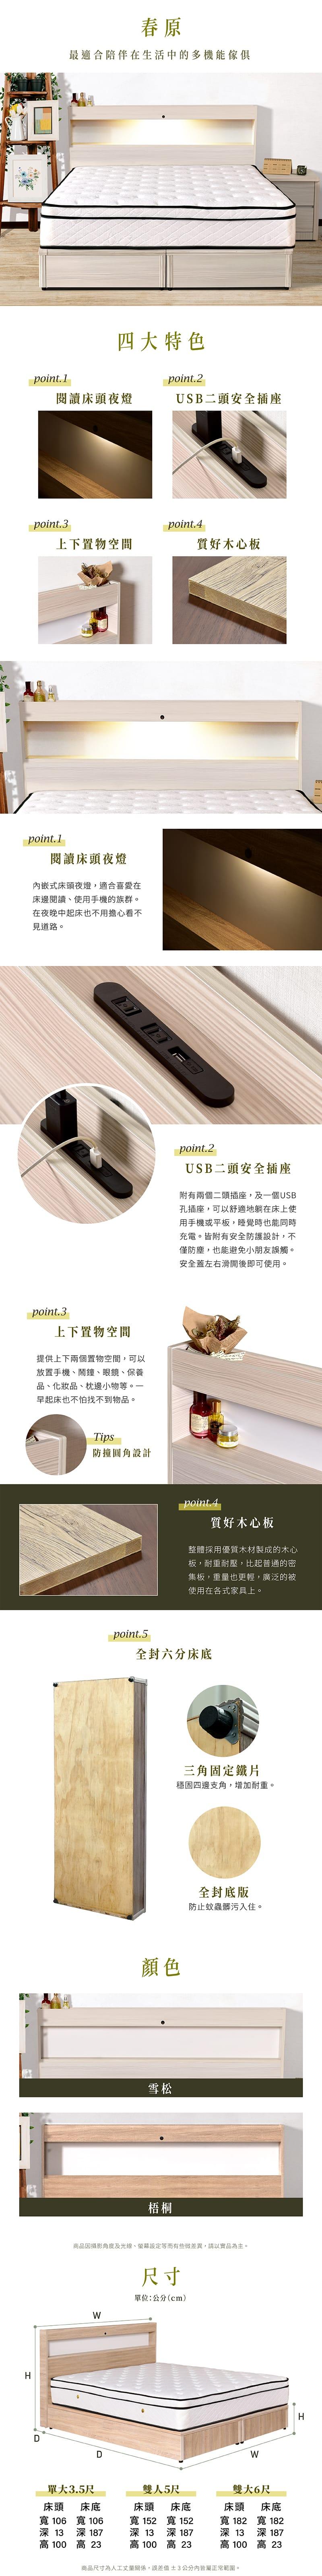 附插座燈床組 單人加大3.5尺(床頭片+床底)【櫻井】